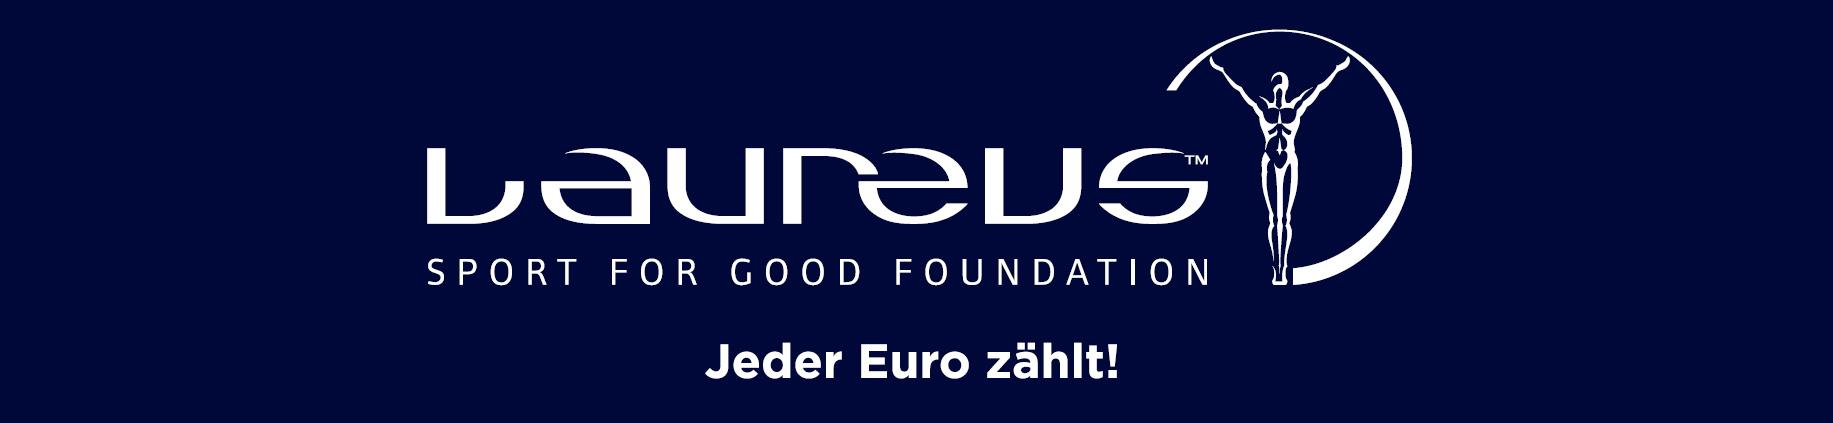 Sinnvoll Spenden - Laureus Sport for Good Stiftung